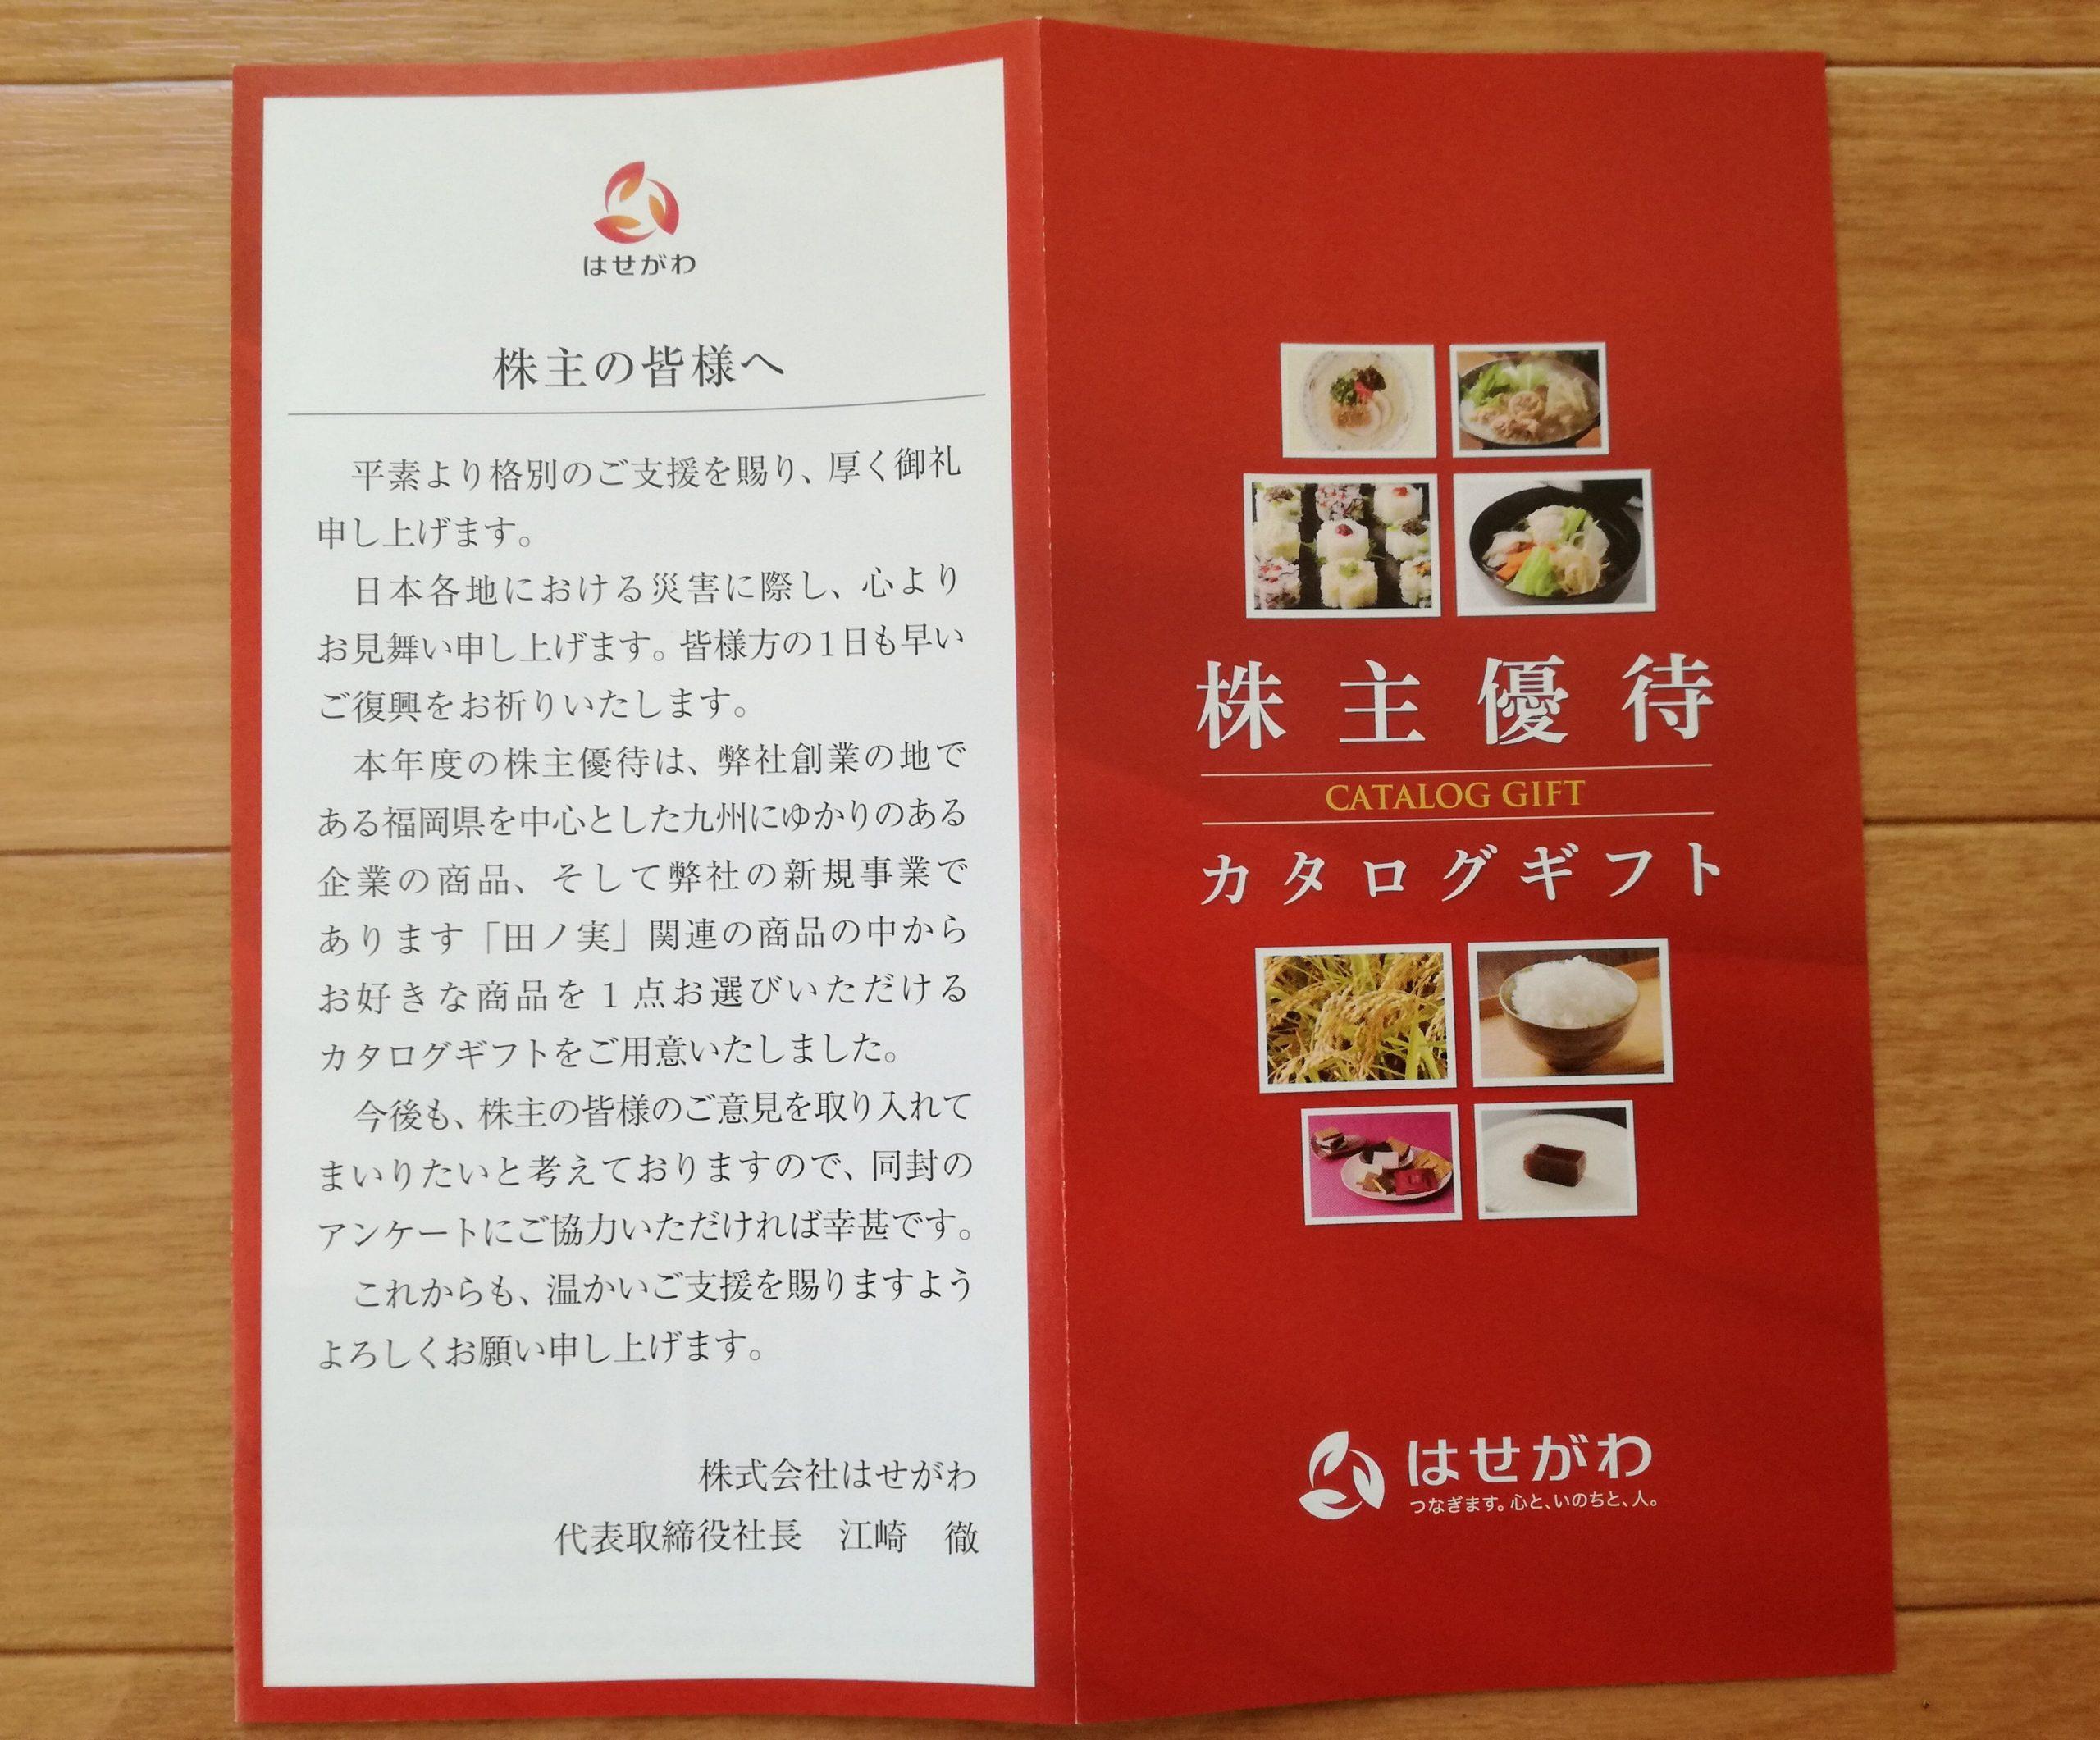 はせがわ(8230)の株主優待カタログギフト到着!子会社である田ノ実の商品が中心です